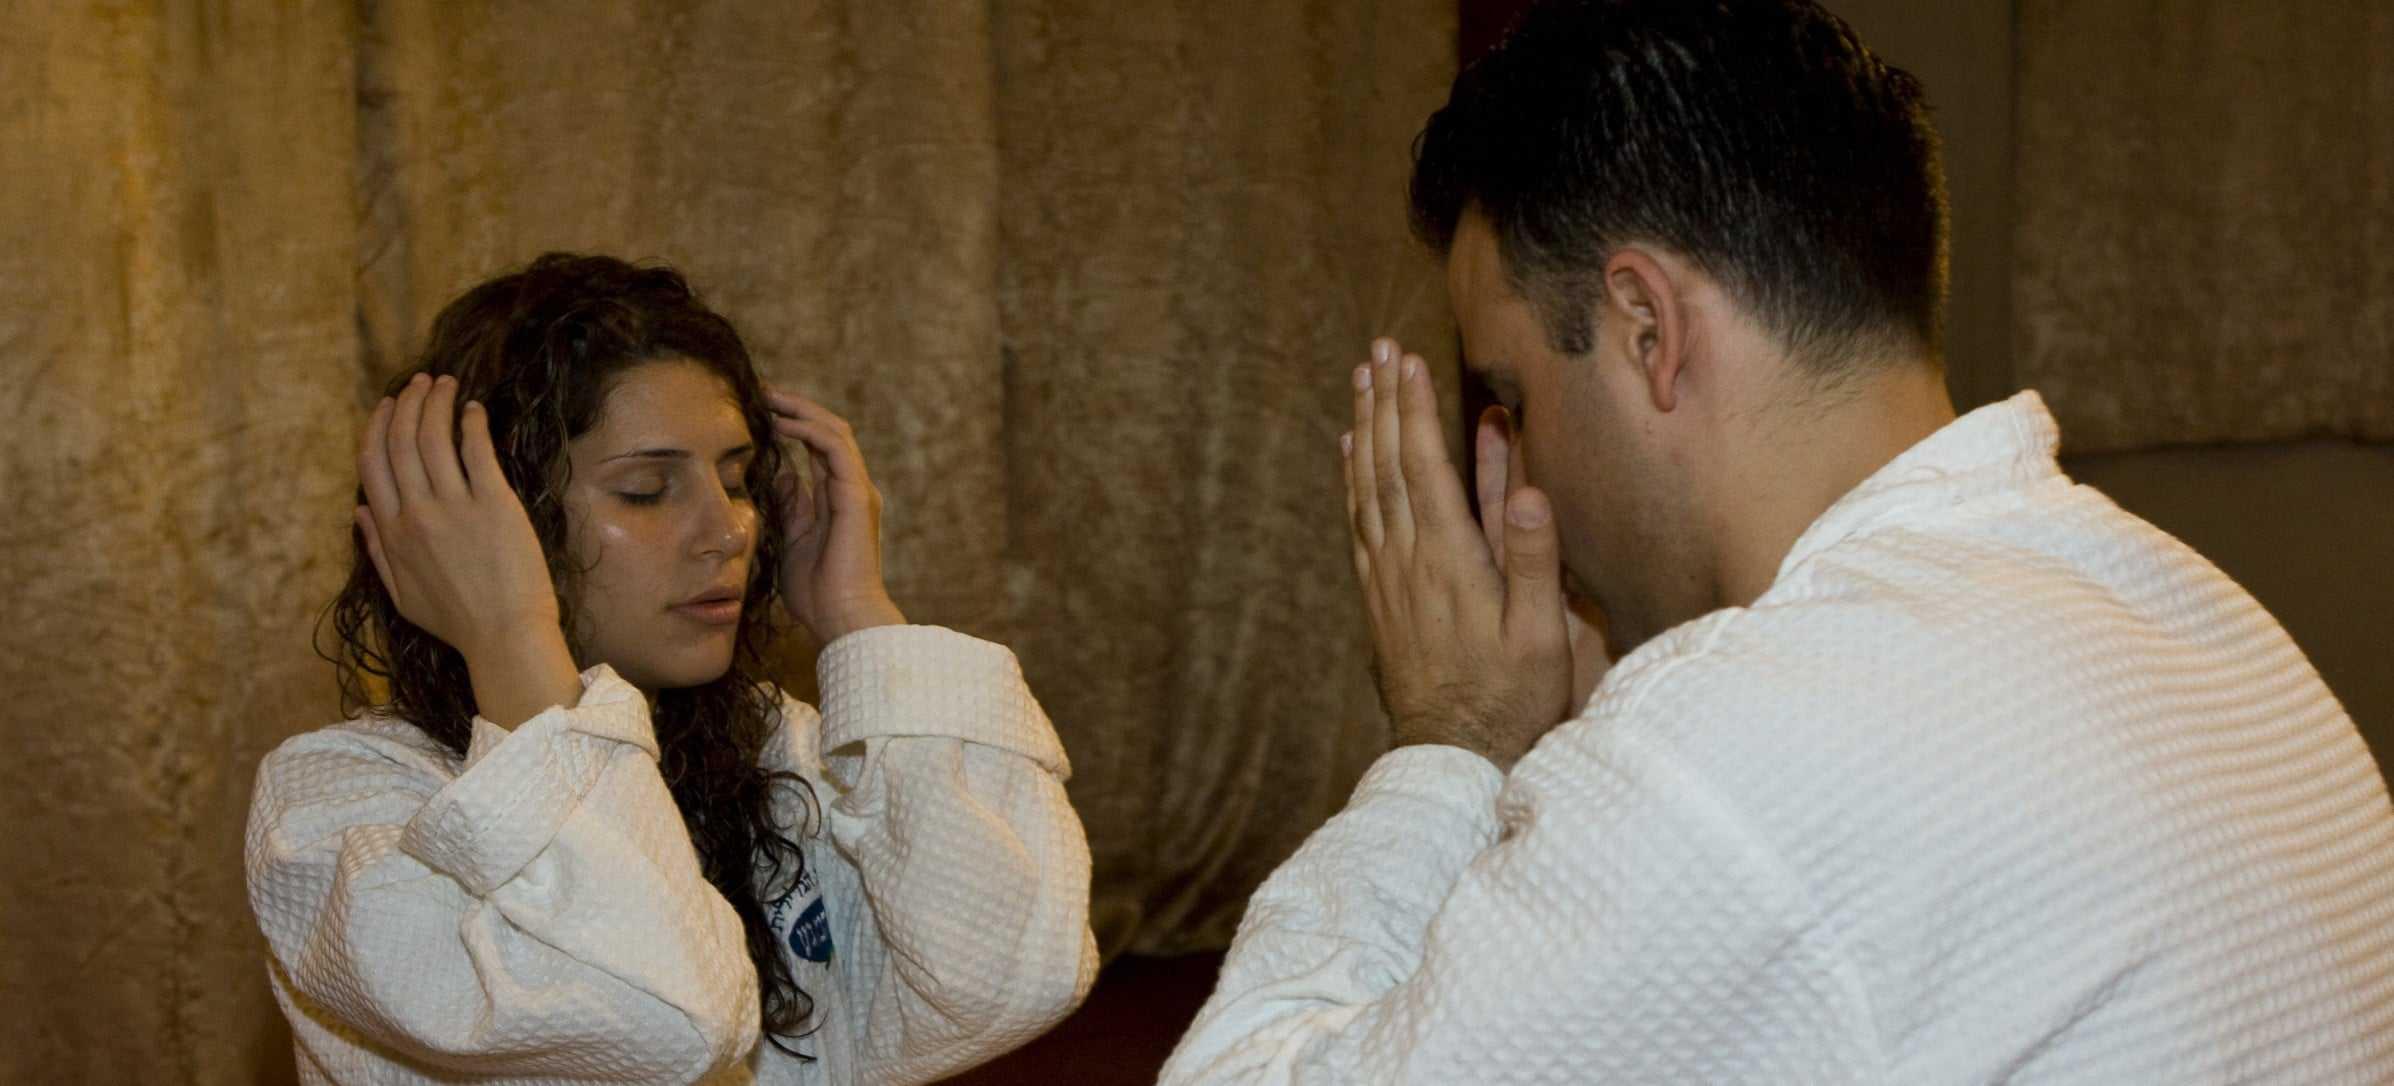 זוג מבצע סדנת טנטרה זוגית